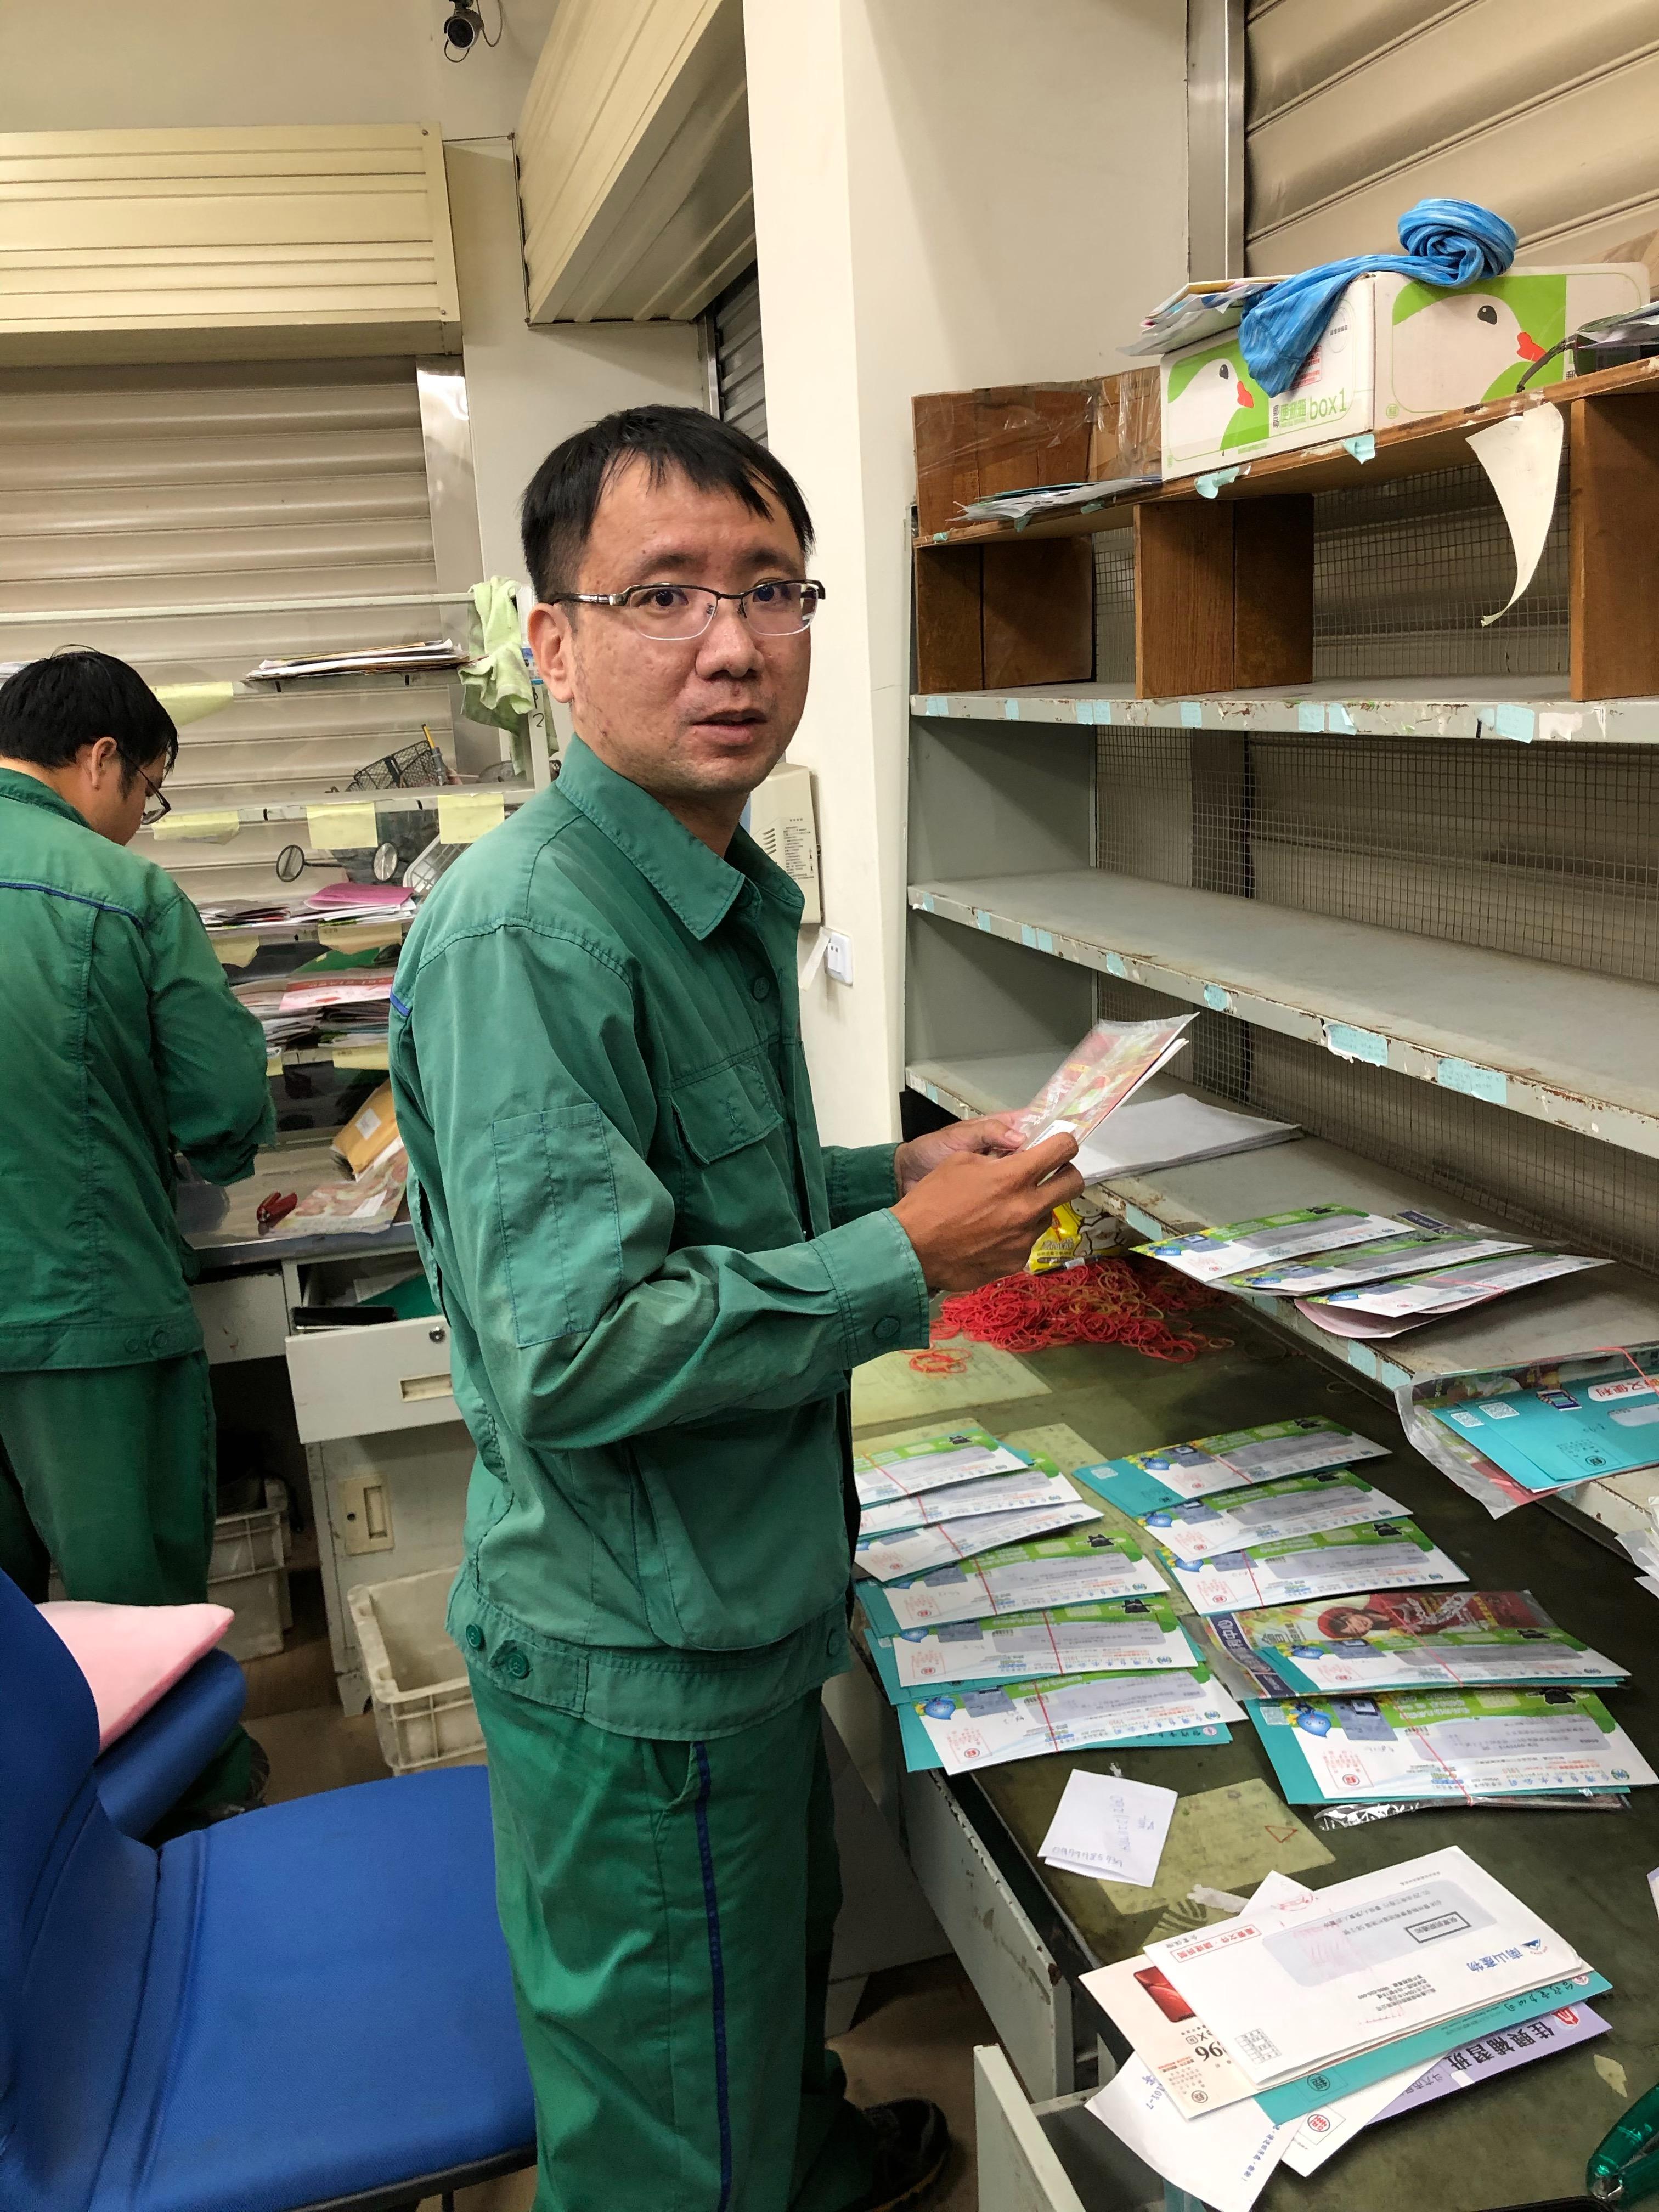 主動幫助新進同仁,讓新進同仁能很快適應投遞工作,並融入郵政大家庭。